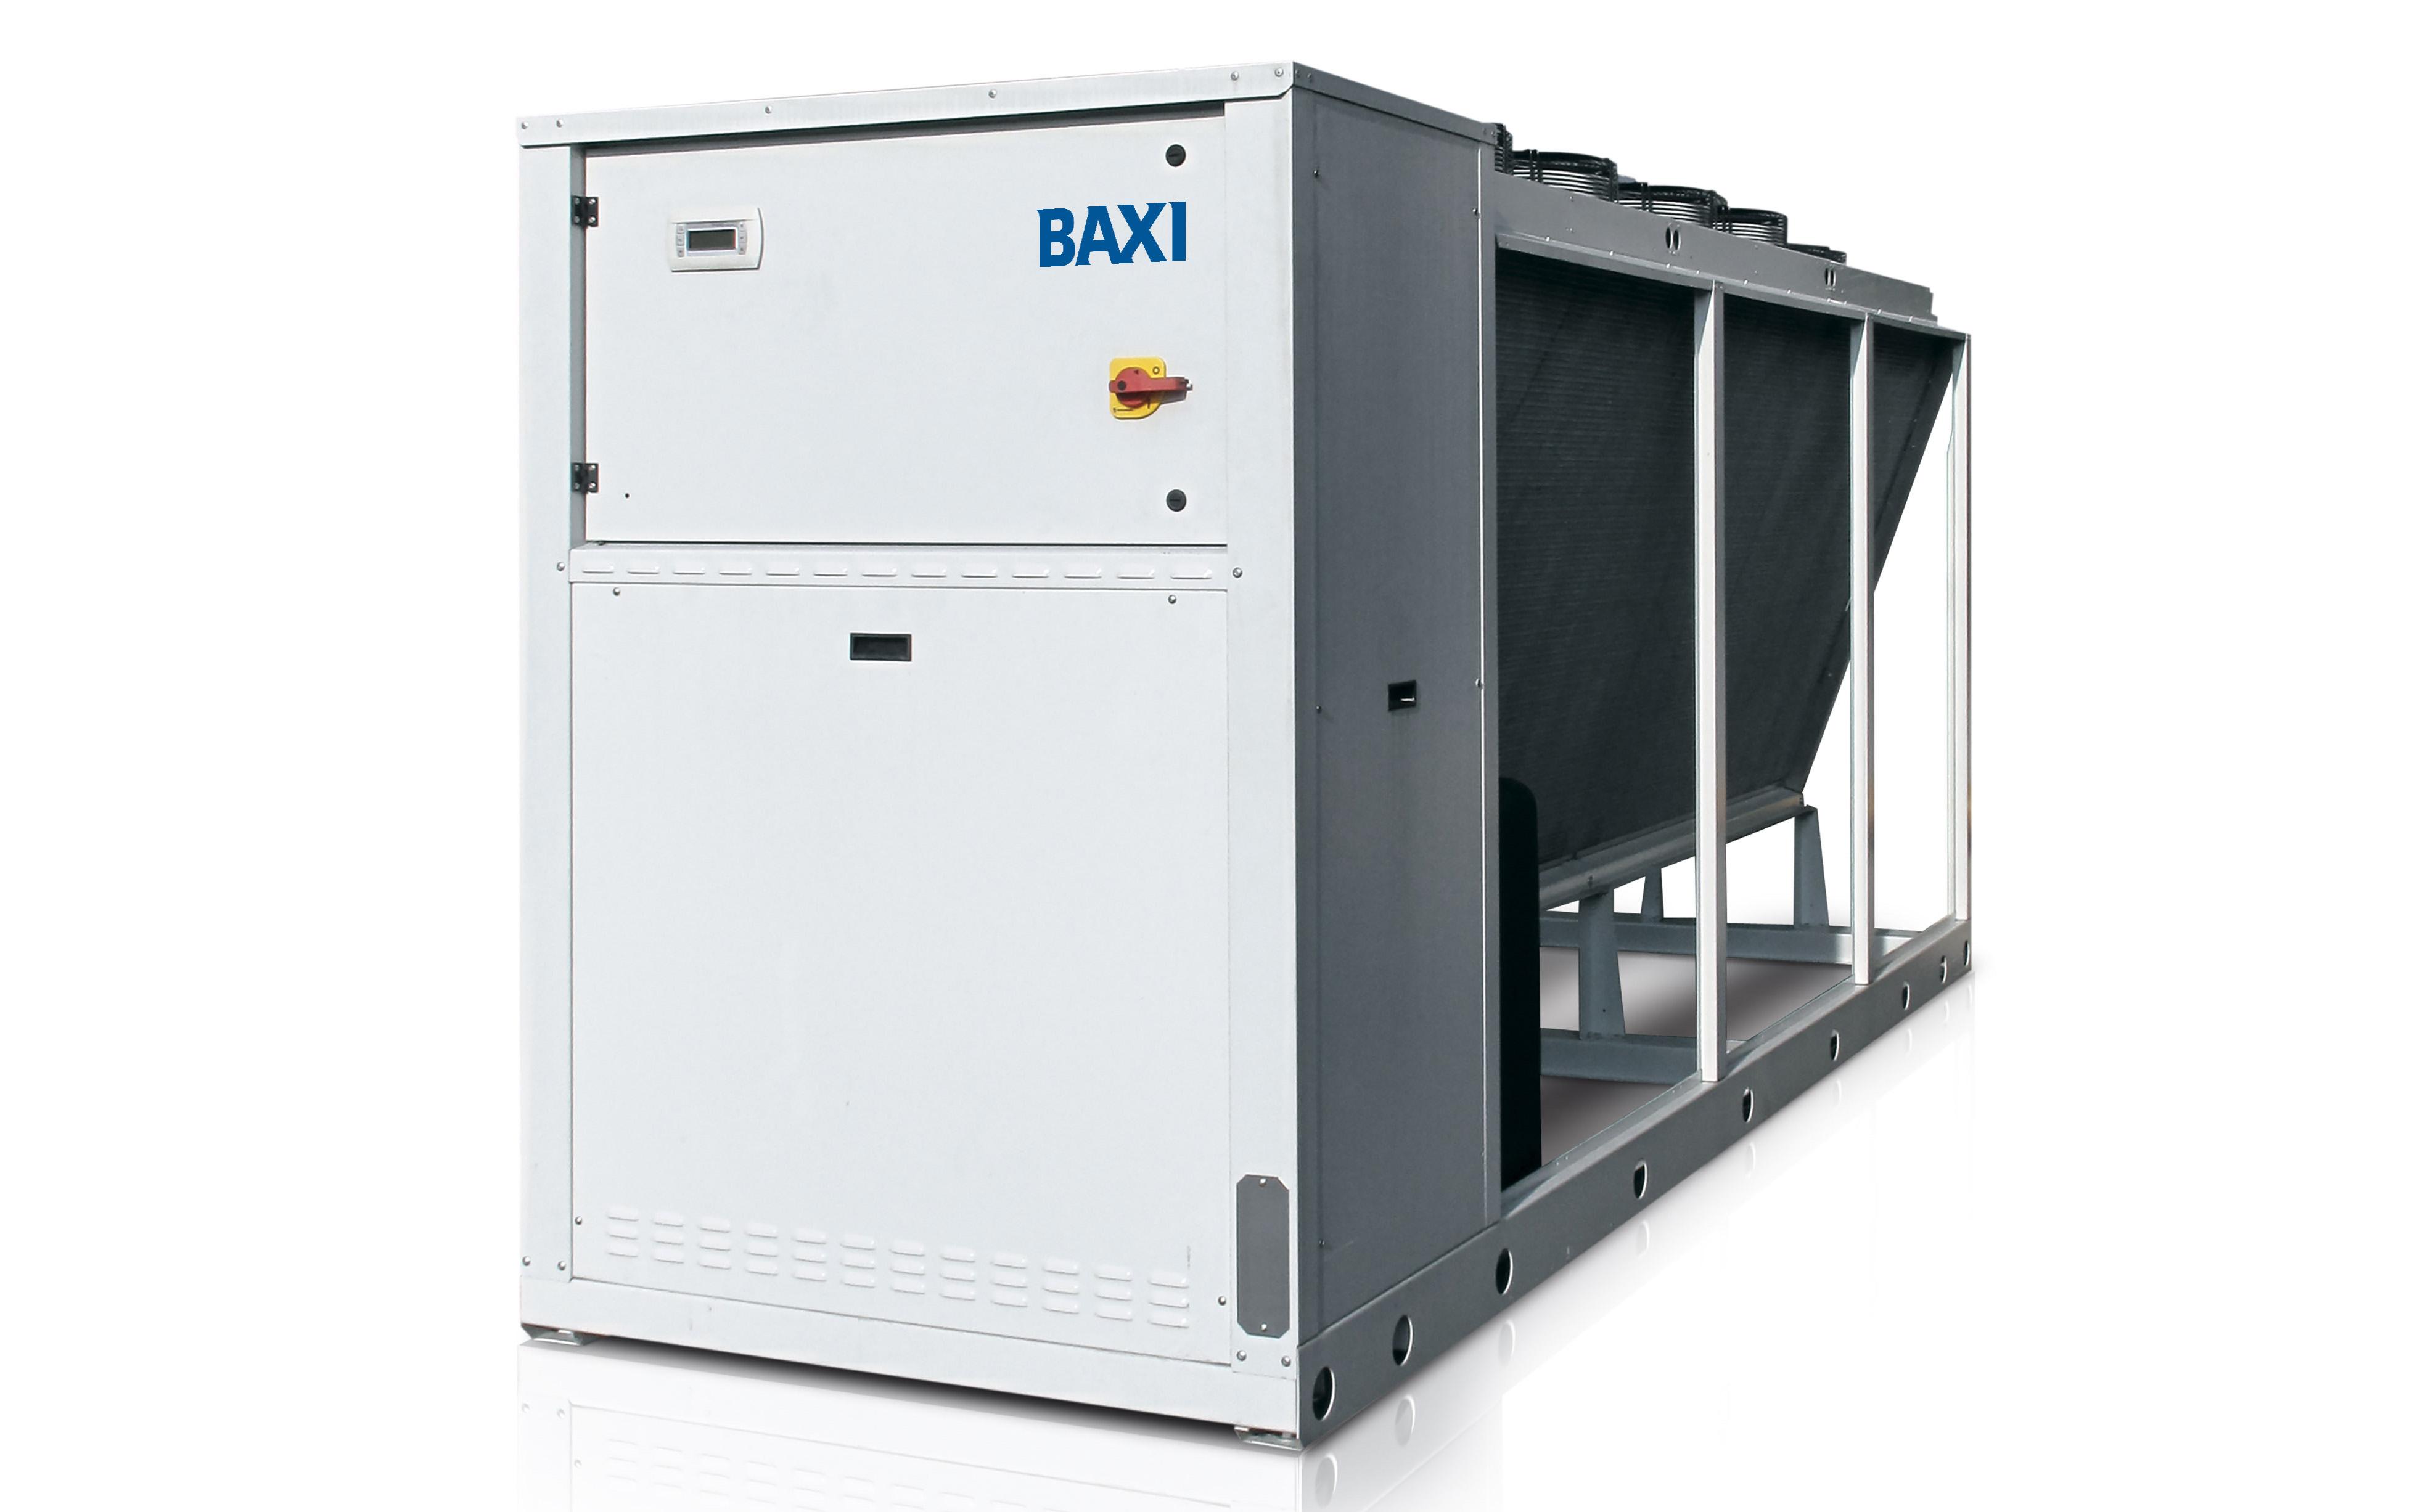 Bomba Calor media y gran potencia Baxi